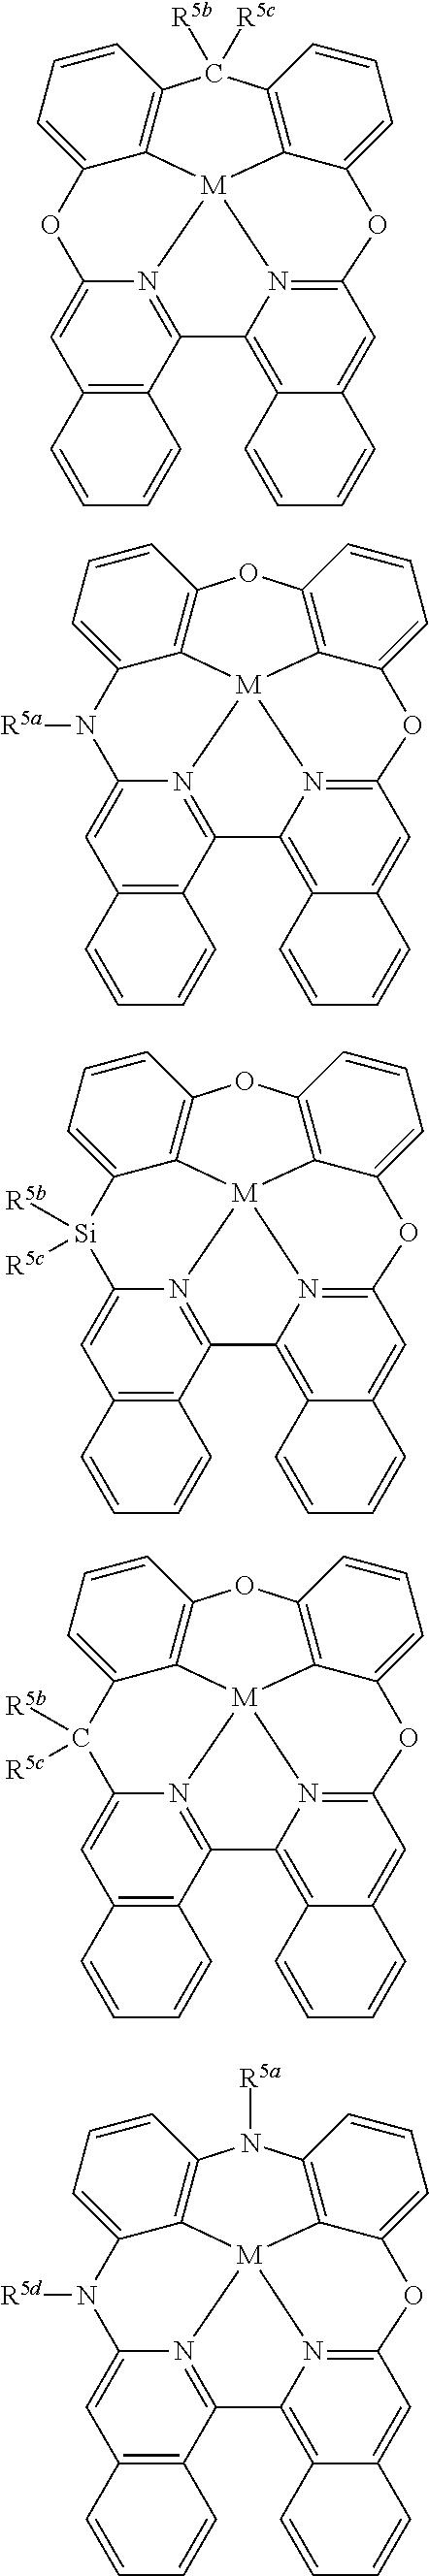 Figure US10158091-20181218-C00278